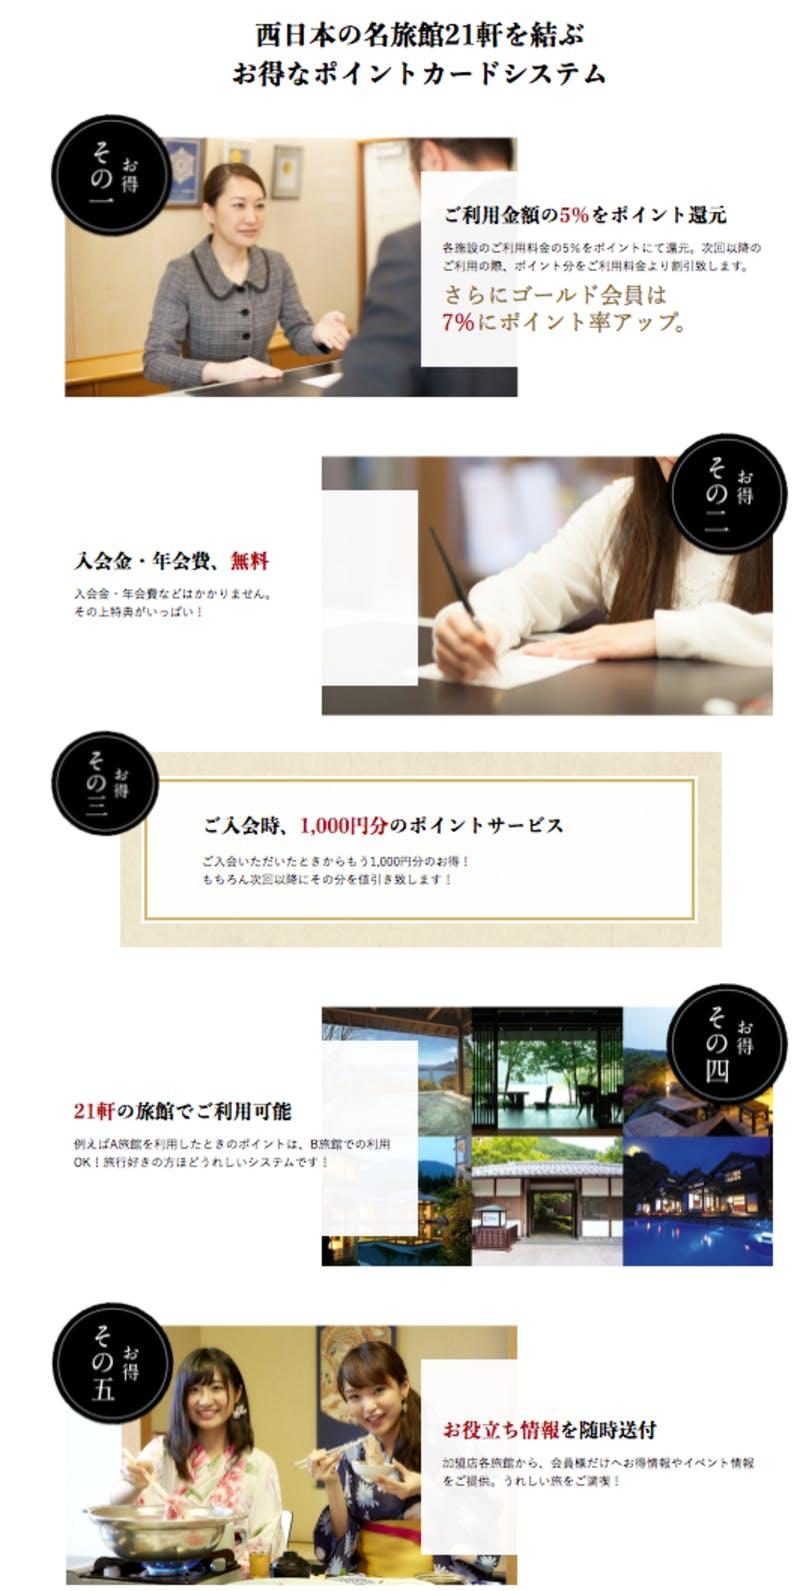 宿倶楽部のポイントカードは西日本の名旅館21軒が加盟するポイントカード